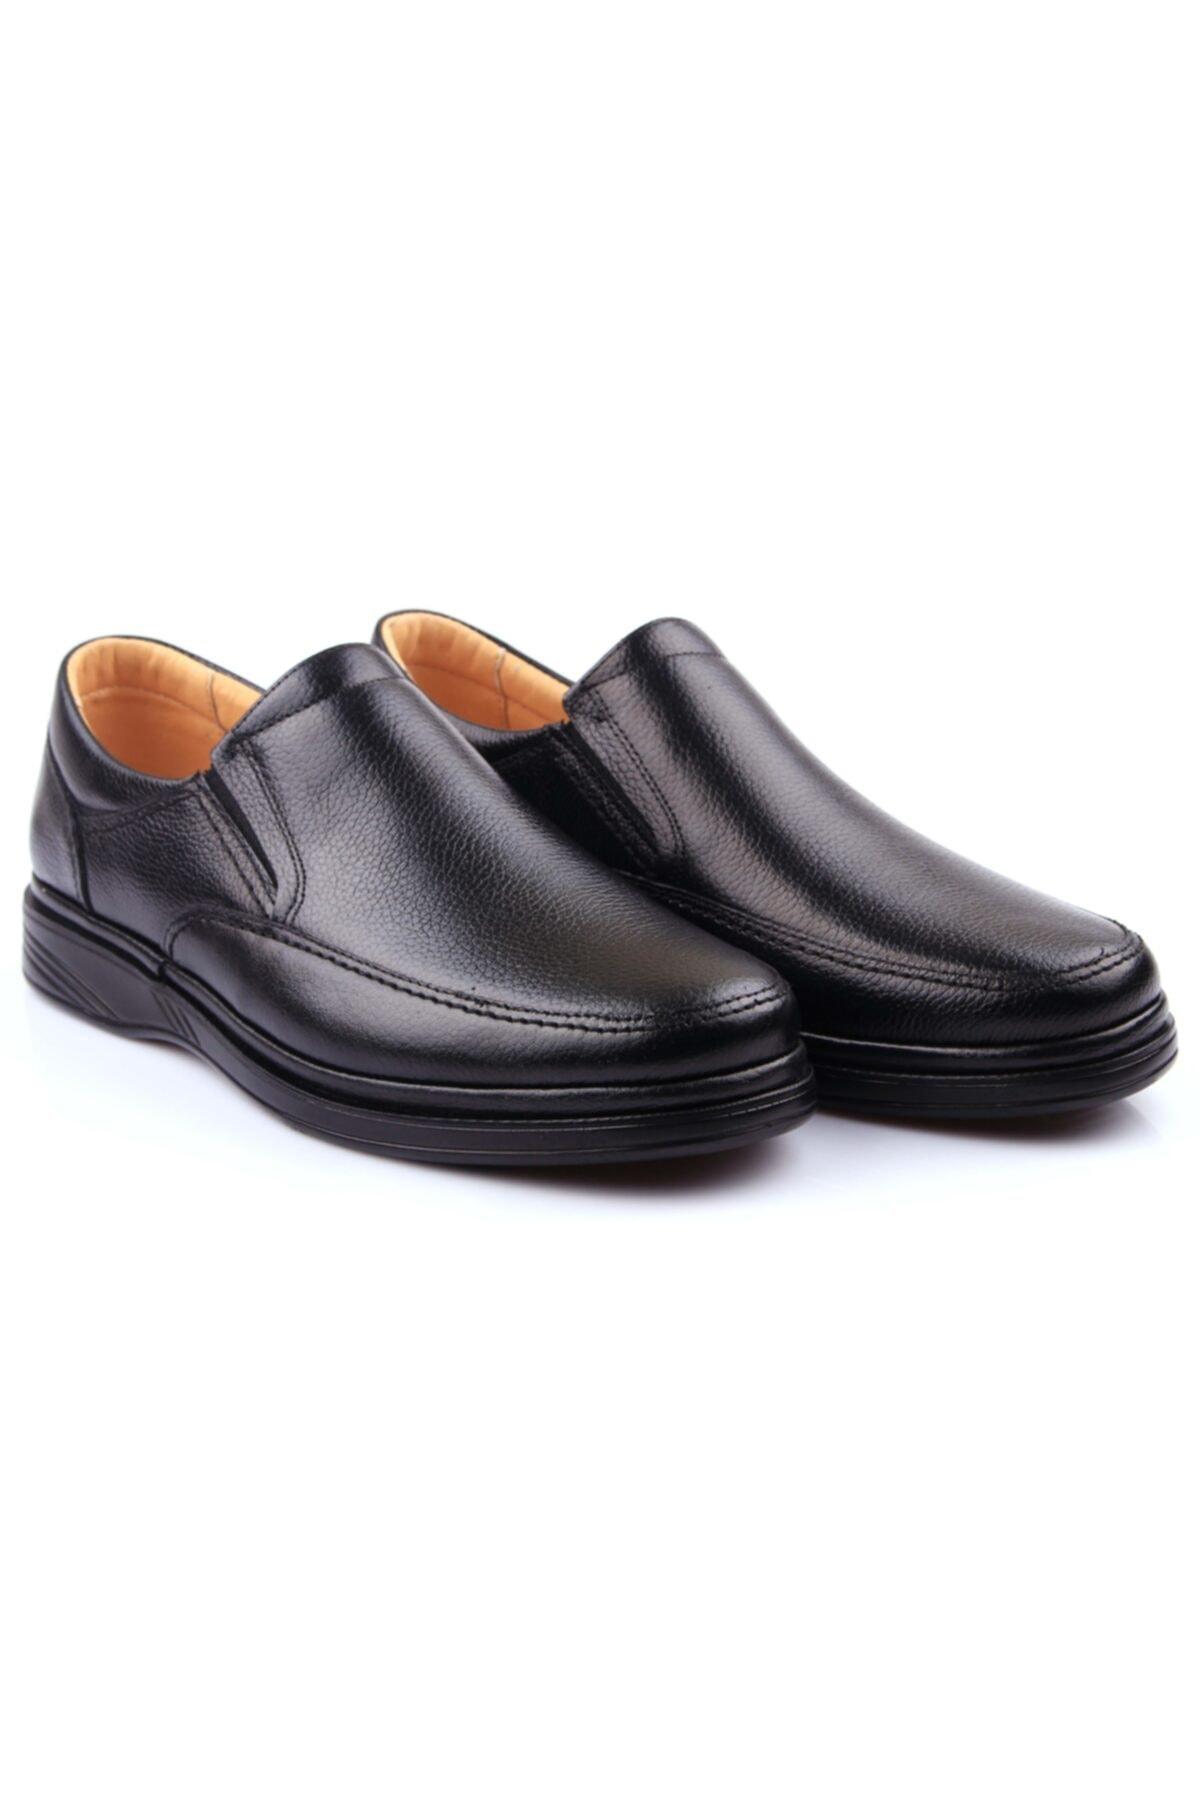 DETECTOR Iç Dış Hakiki Deri Ultra Ortopedik Büyük Numara Günlük Erkek Ayakkabı 700-10 2